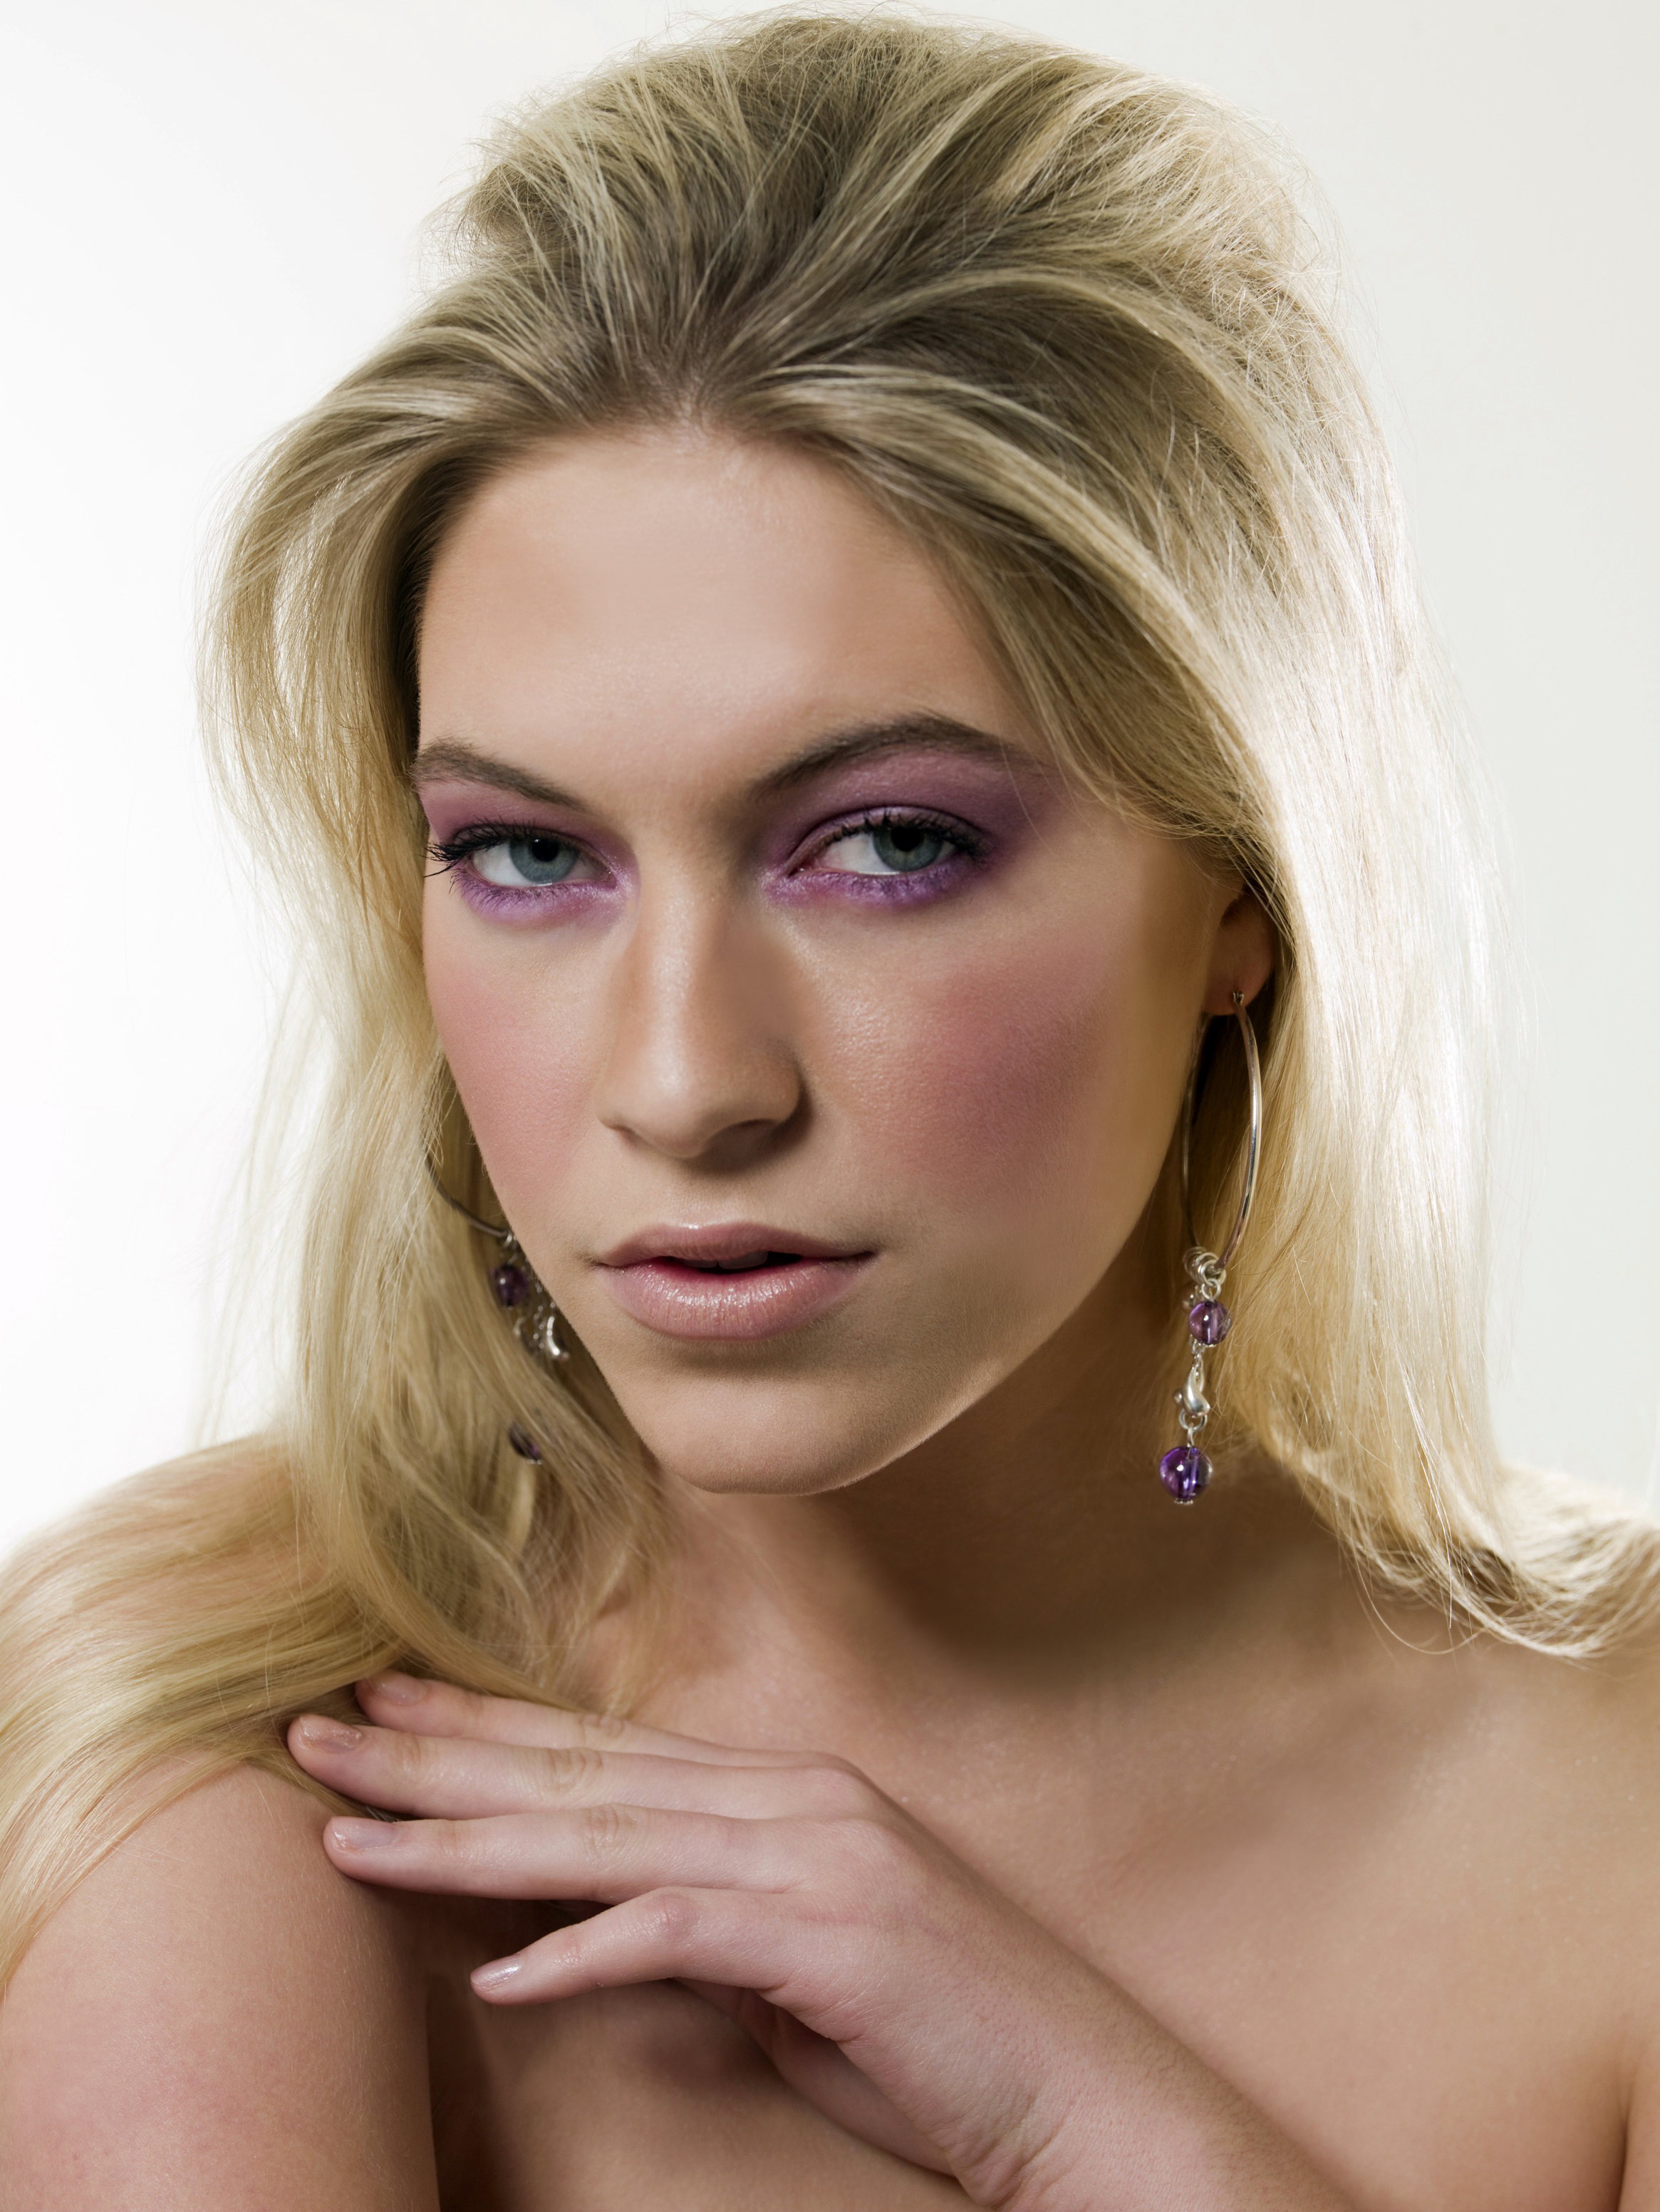 Dani-PurpleFinal.jpg